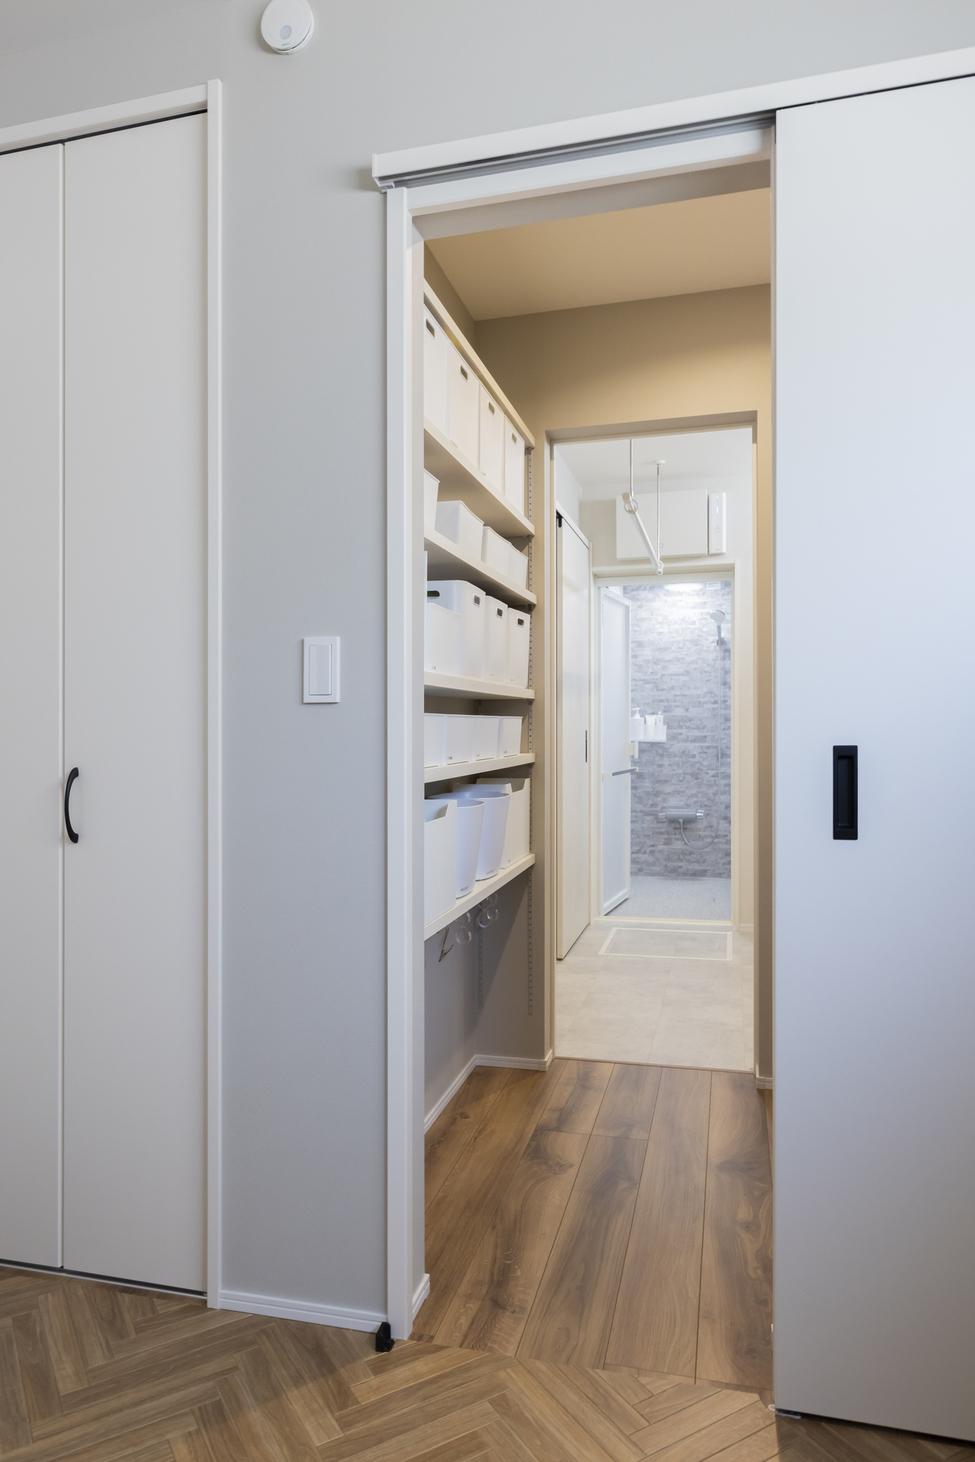 洋室から繋がるWICは洗面室にも繋がり生活のしやすい動線となっている